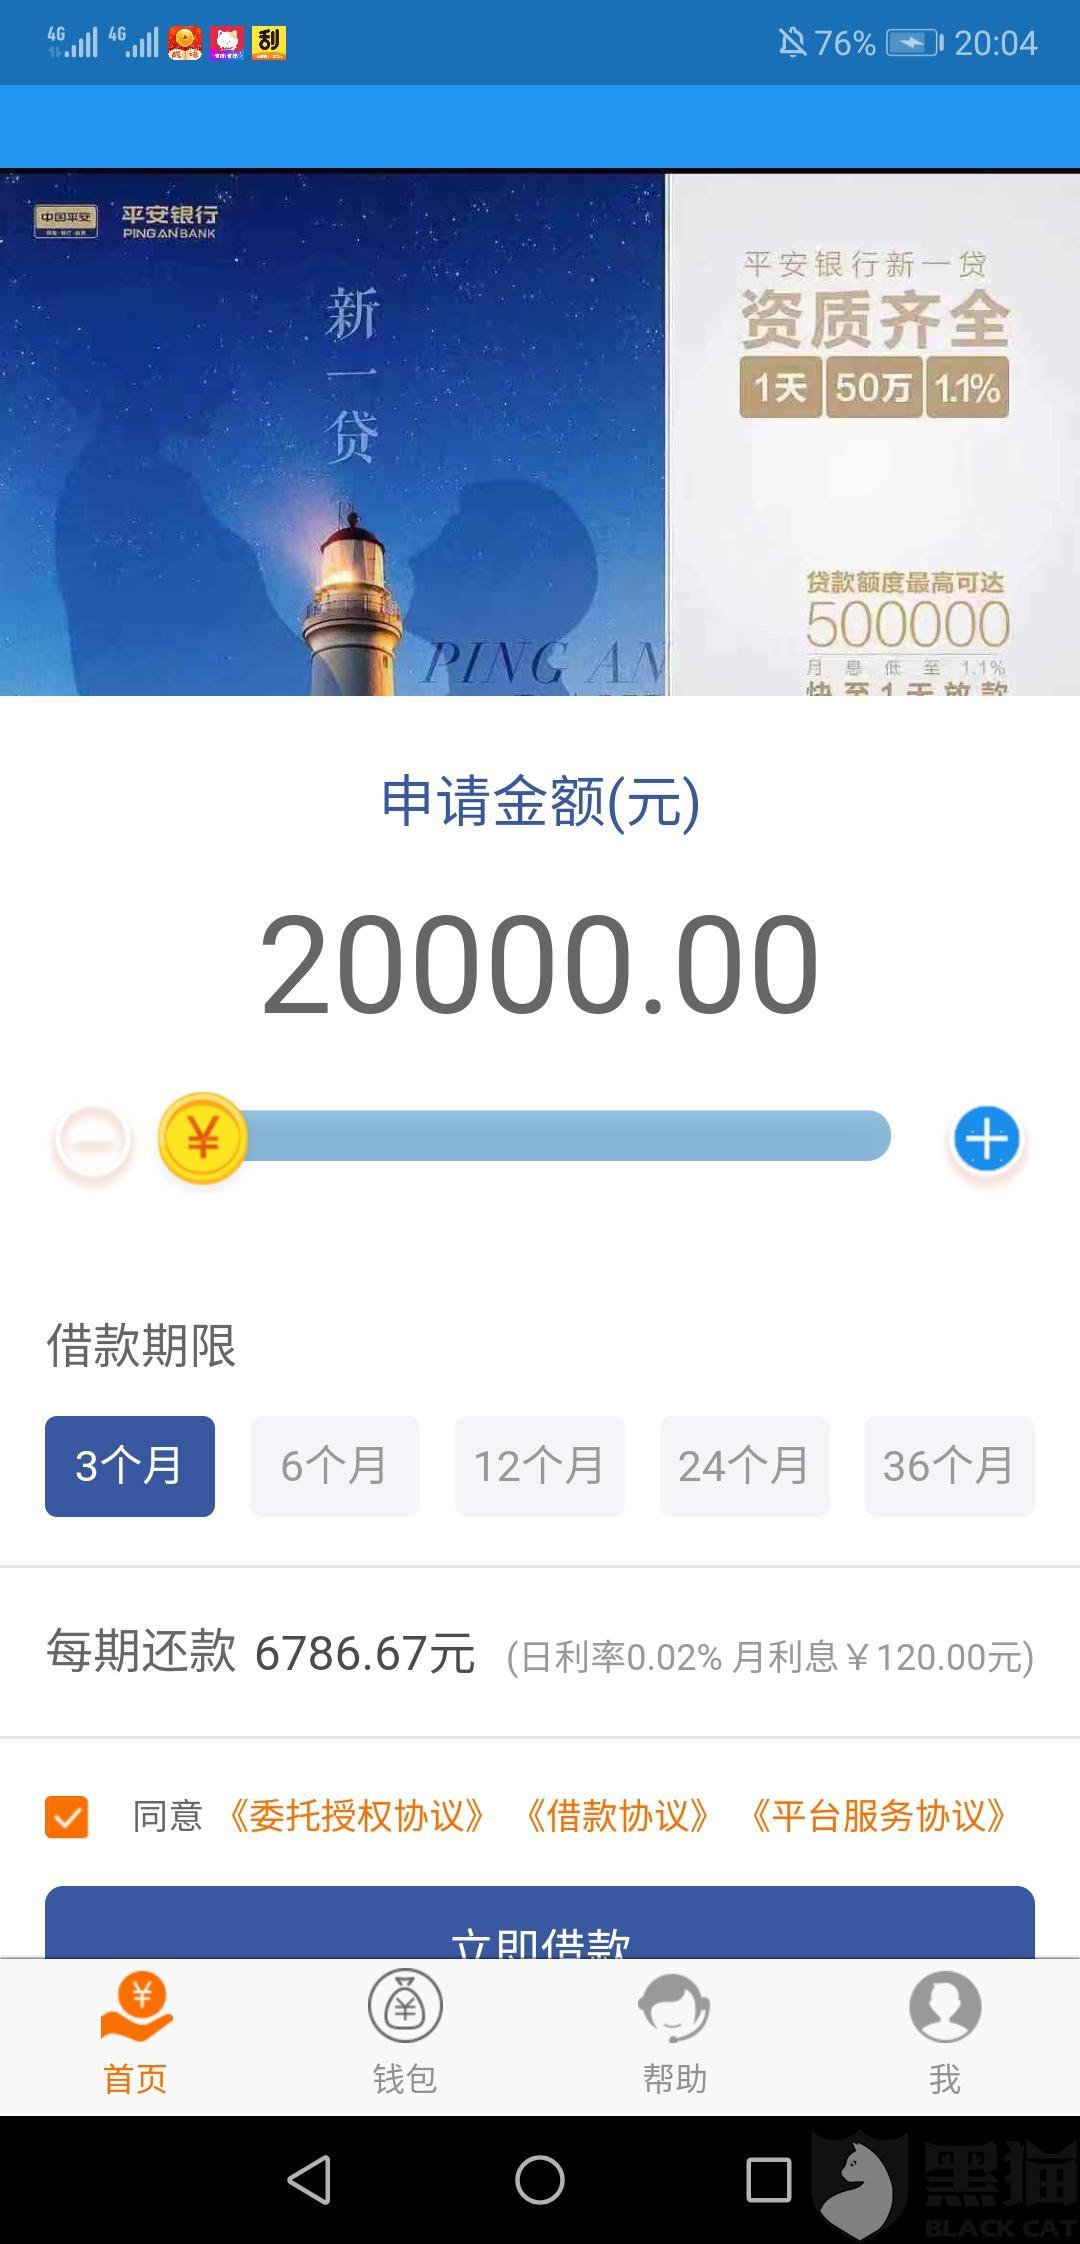 黑猫投诉:前海锐步商业保理(深圳)有限公司套路贷